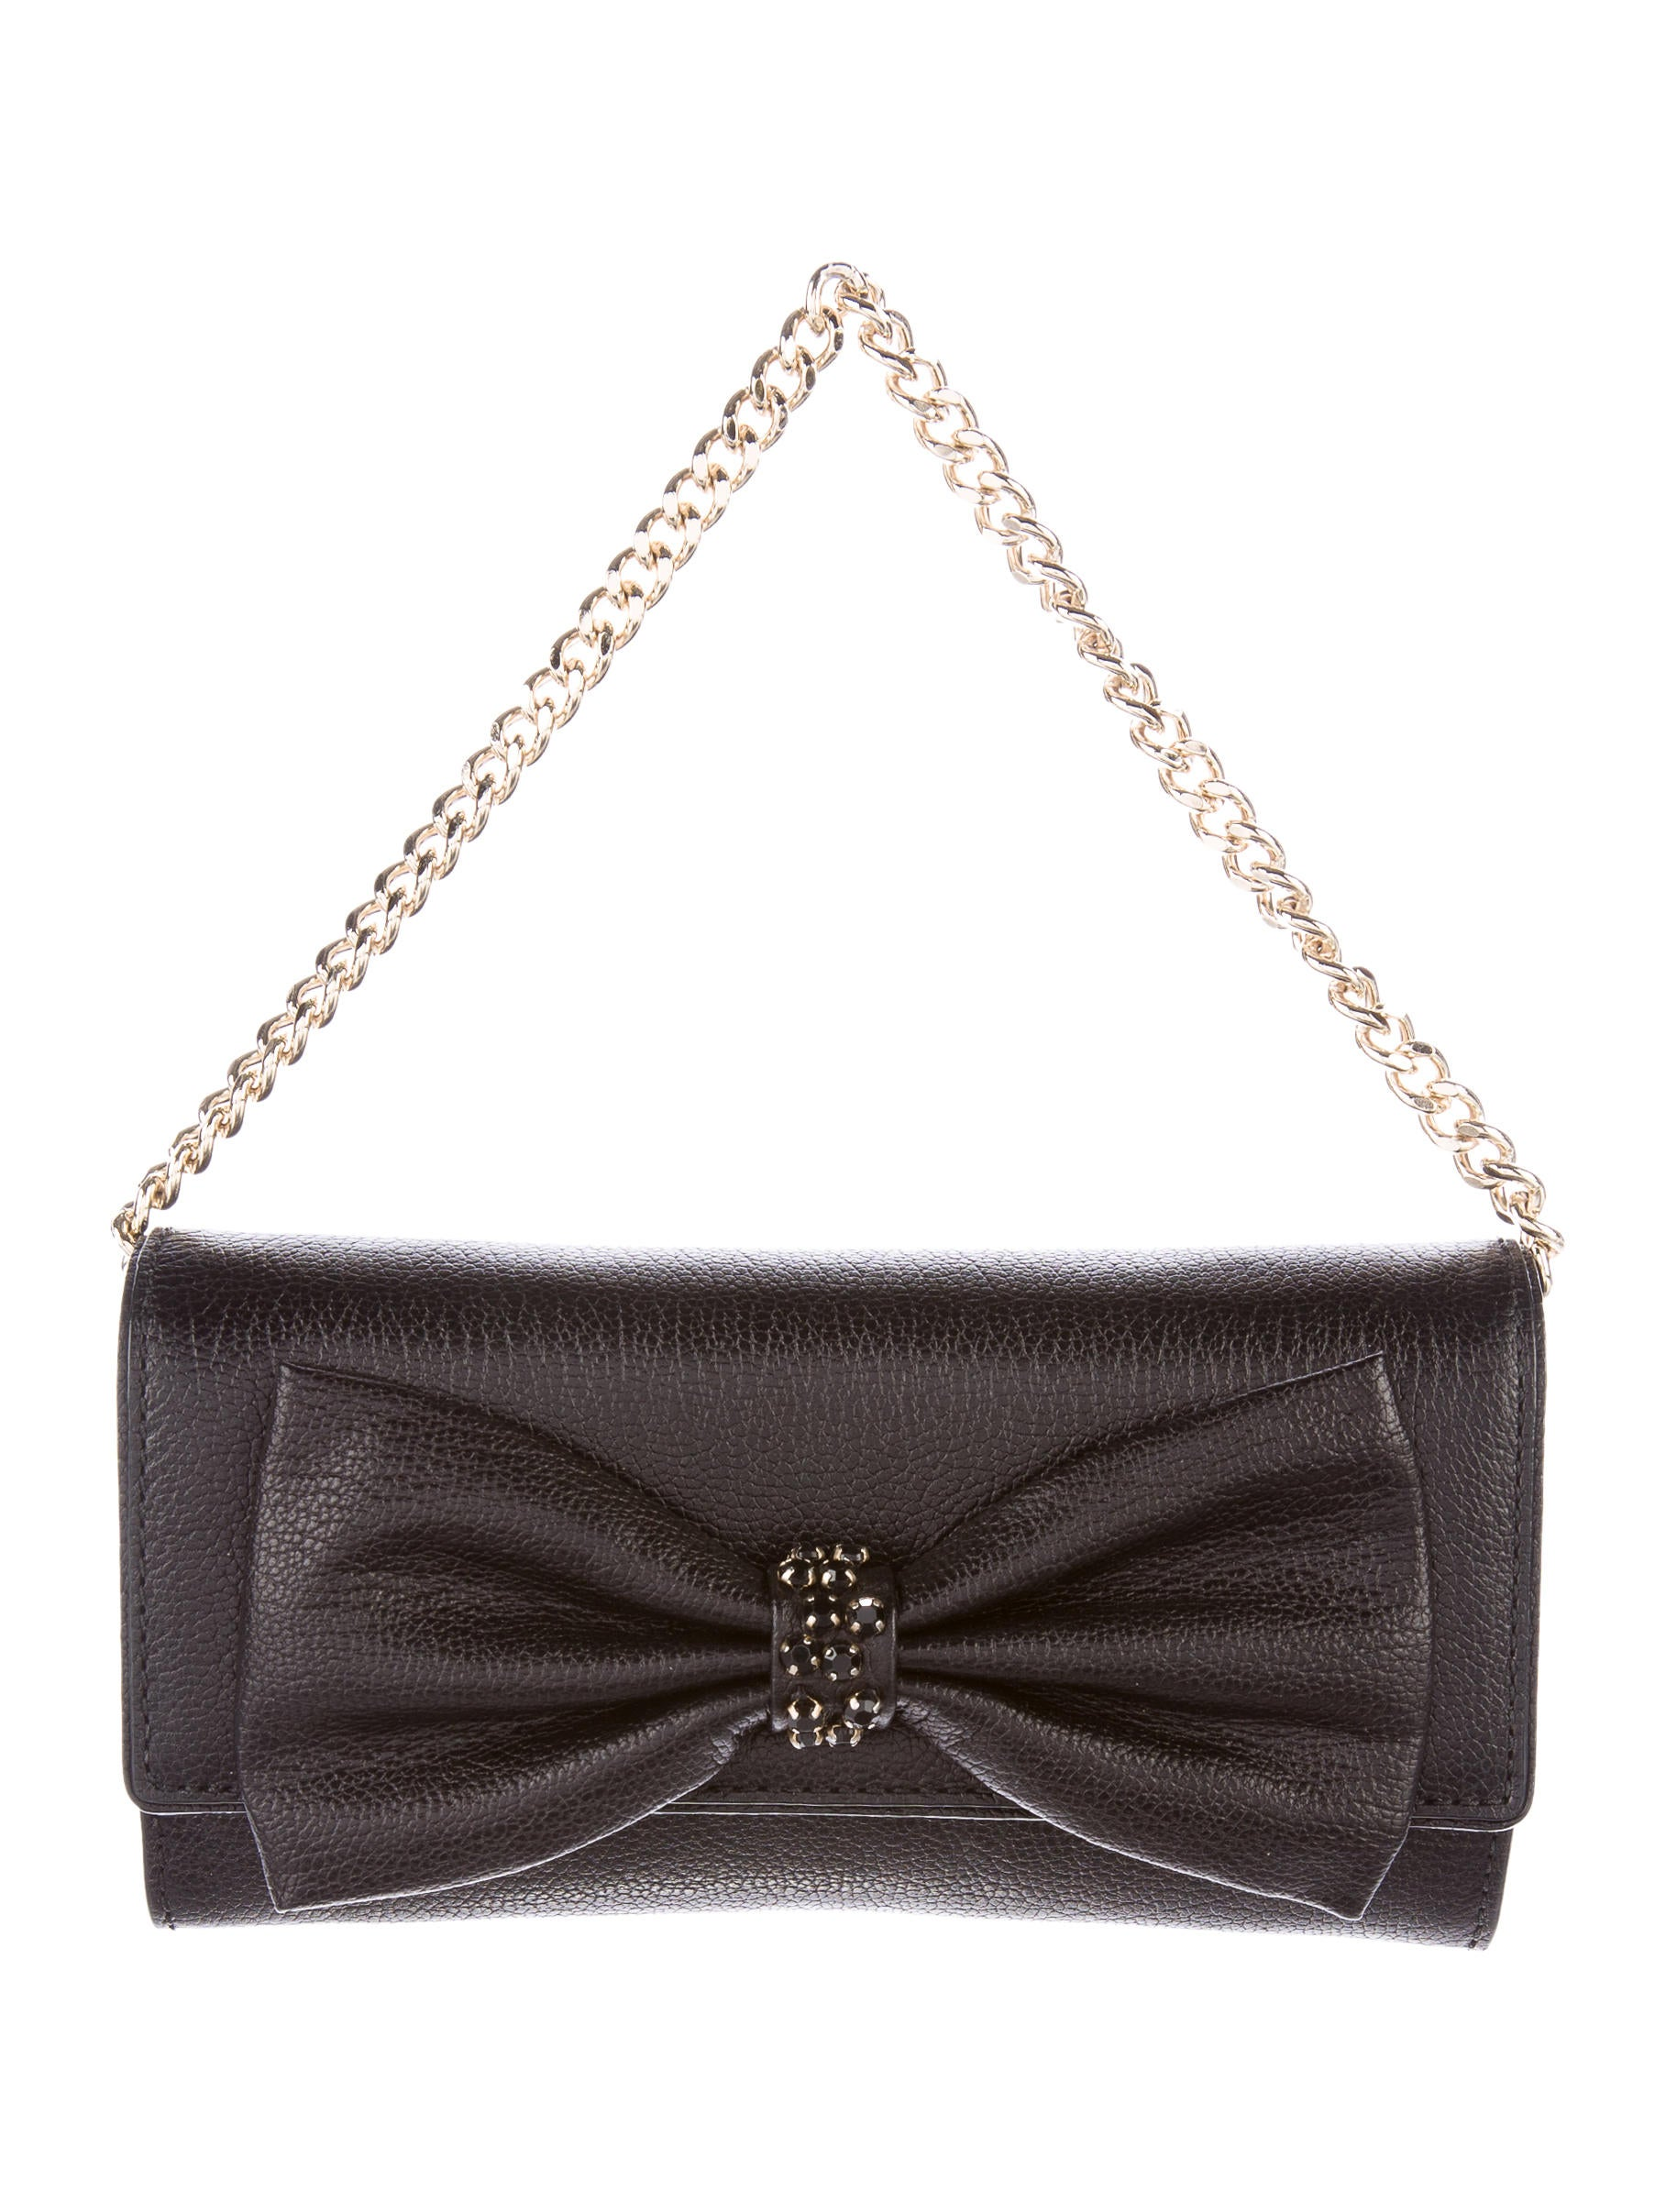 9defd4f60d0 Kate Spade New York Milou Manor Place Evening Bag - Handbags ...